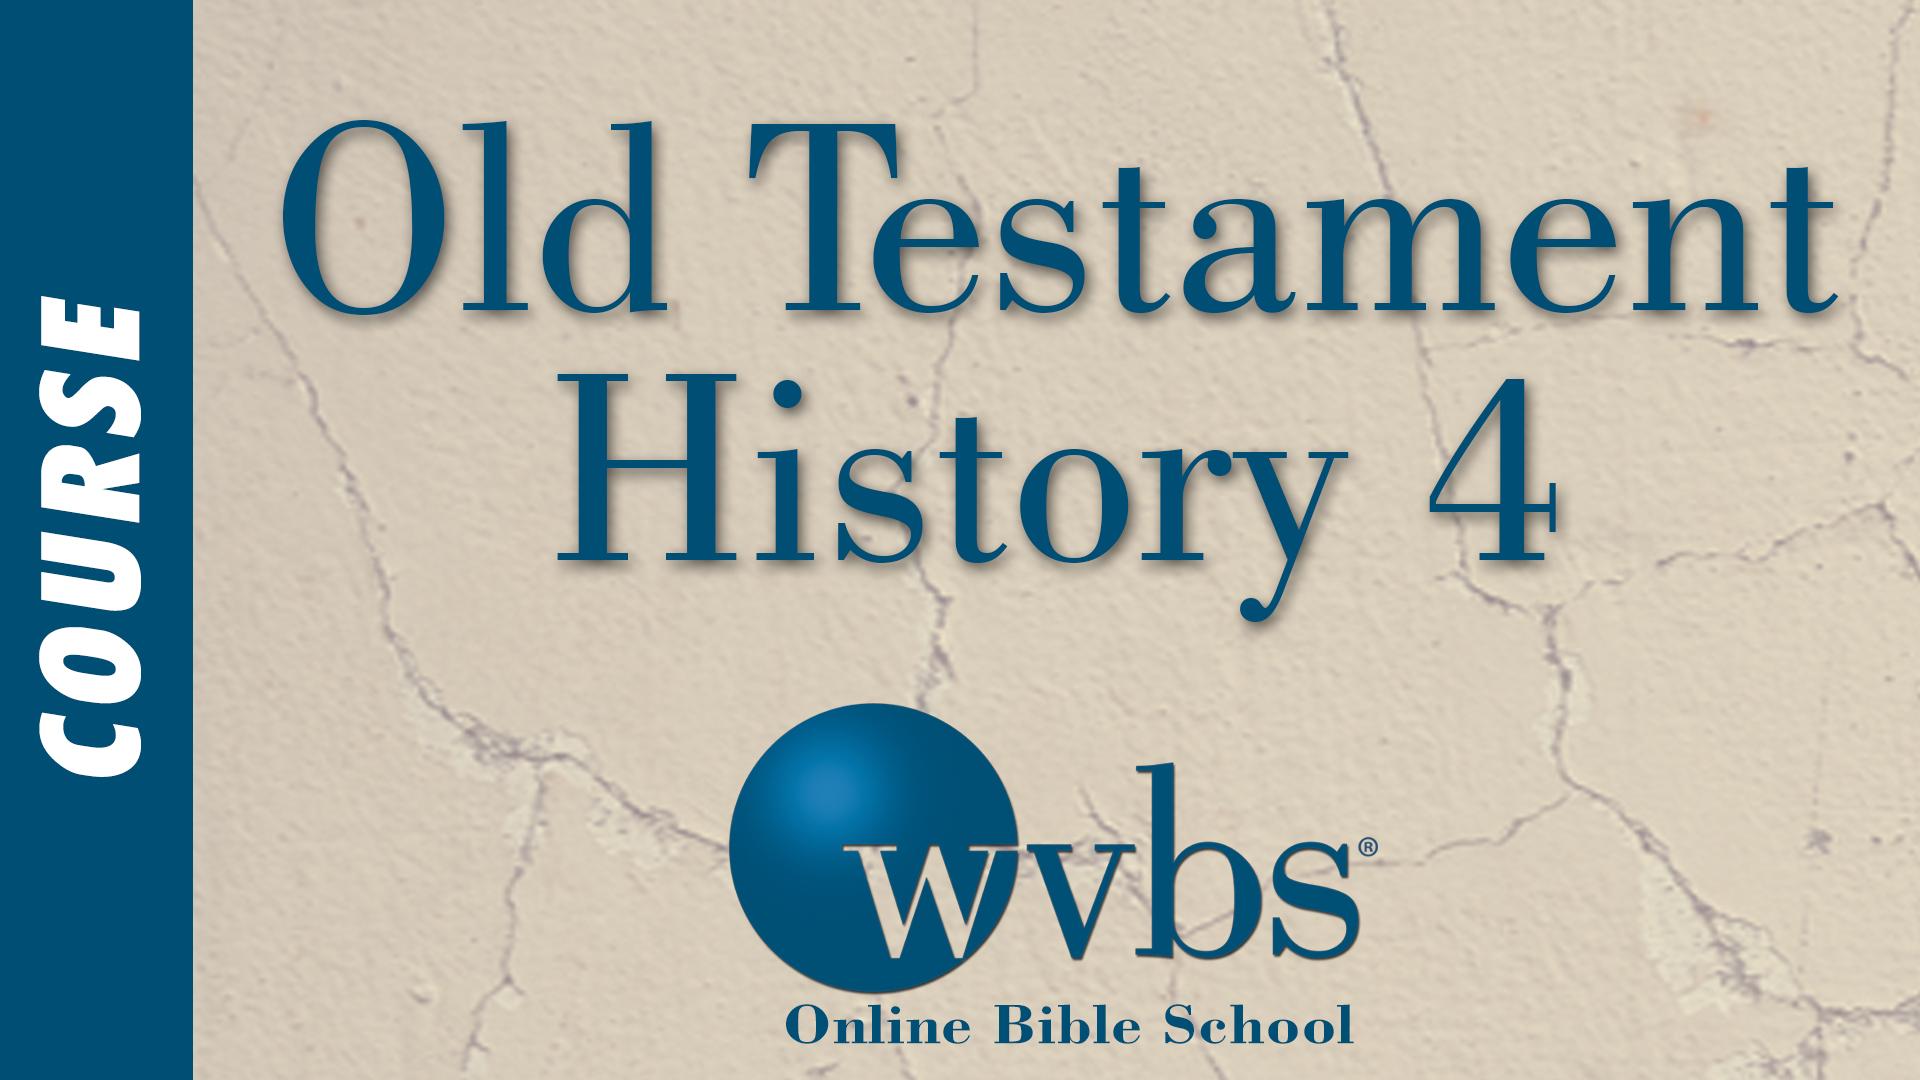 Old Testament History 4 (Online Bible School)